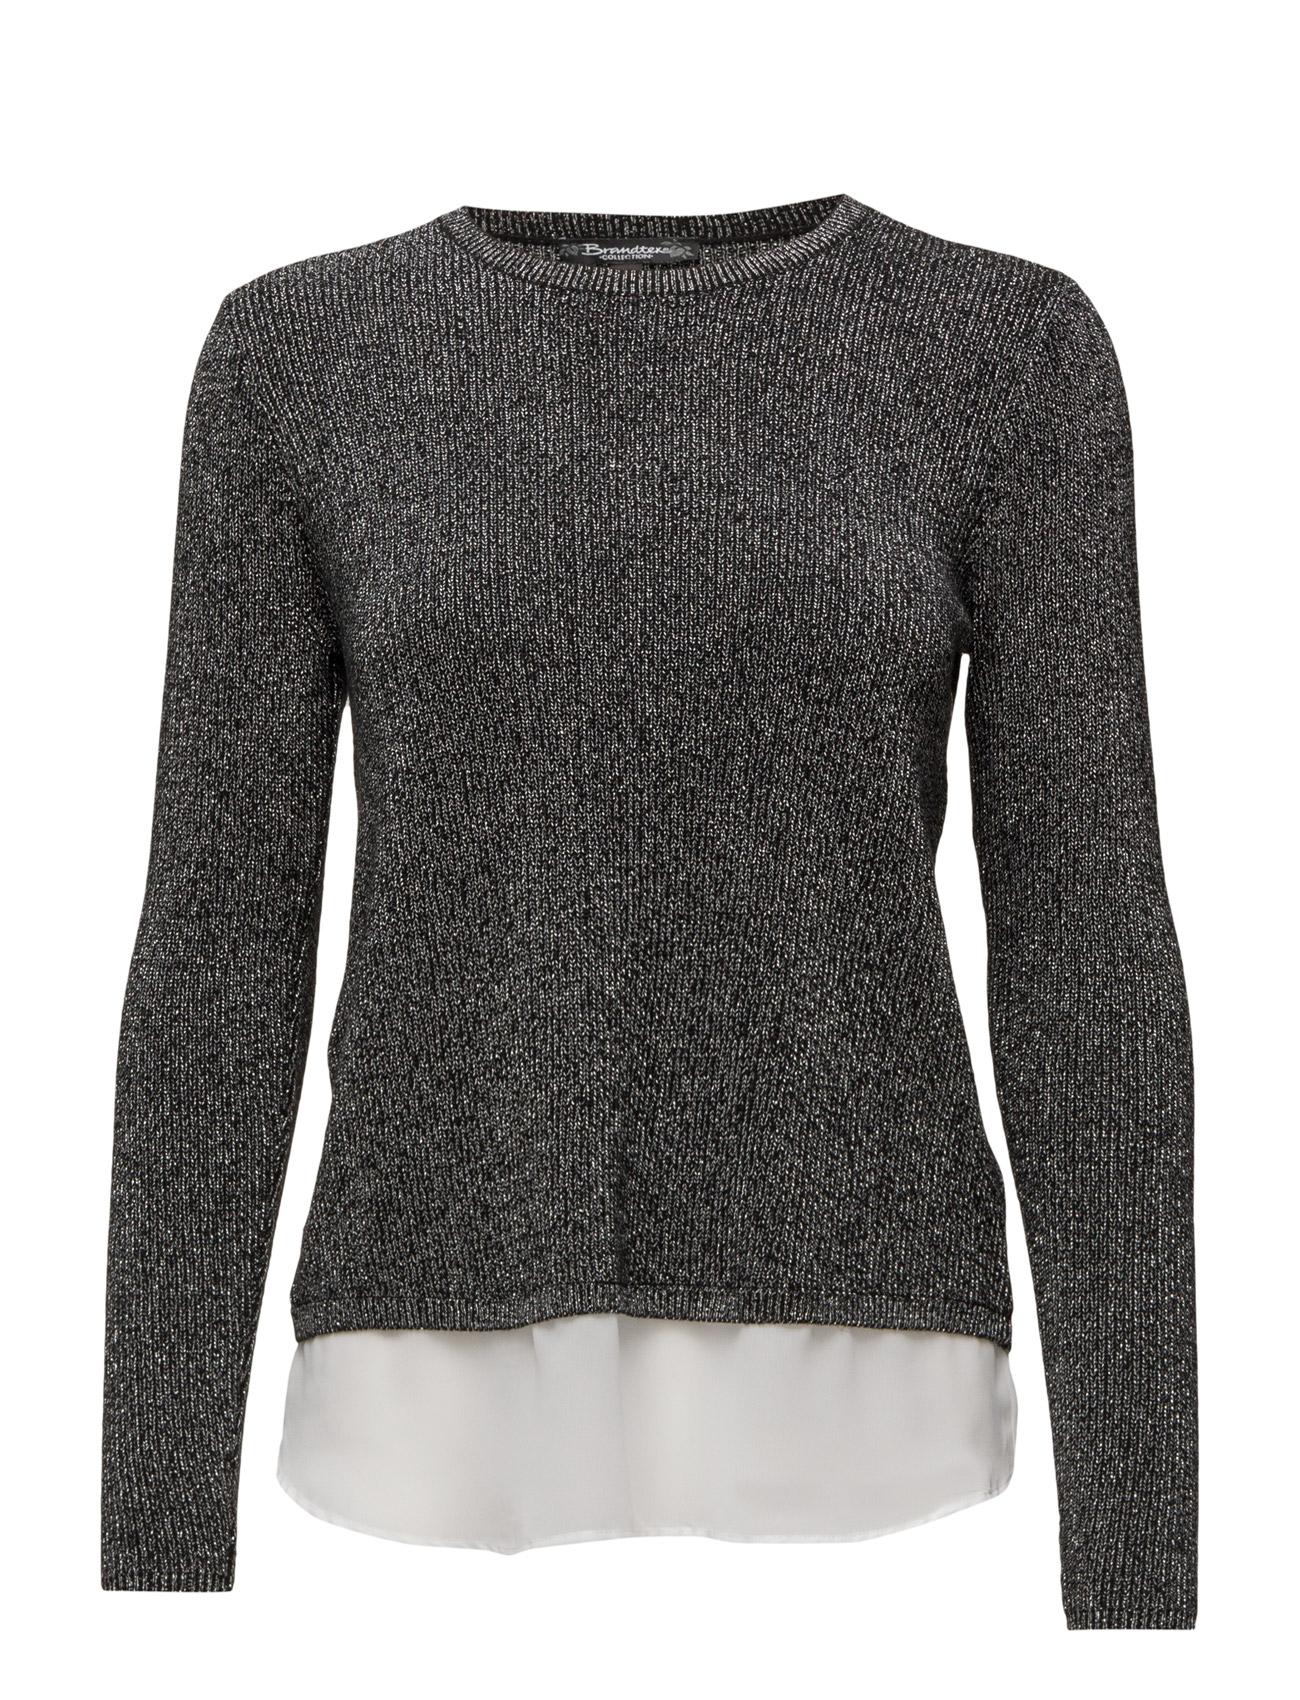 Pullover Brandtex Sweatshirts til Damer i Sort